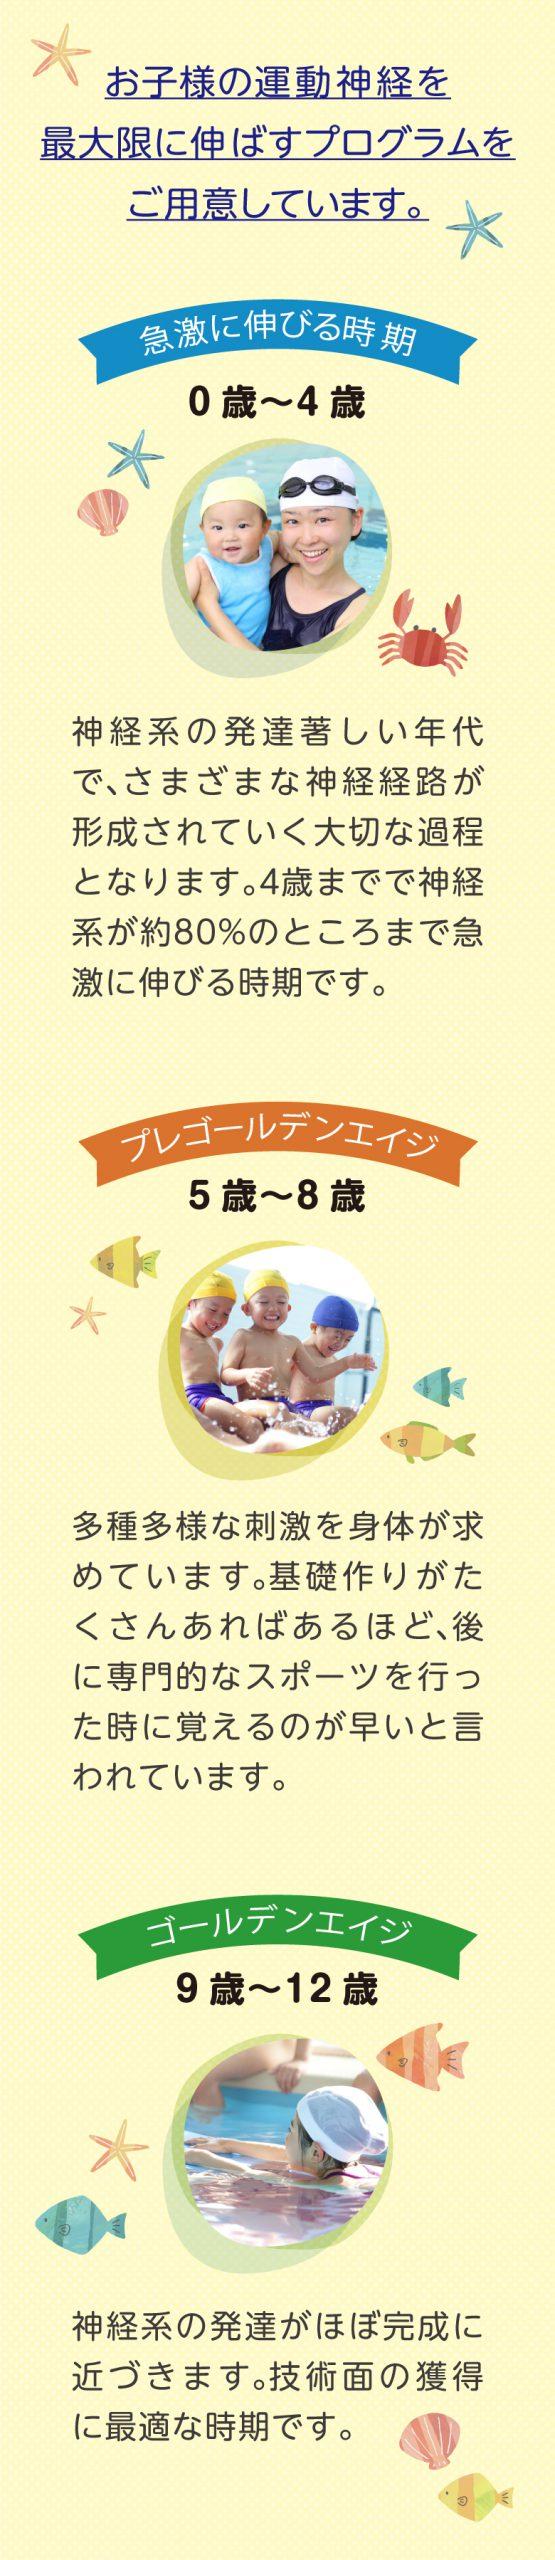 cv-case-ch-20h_c-05-2